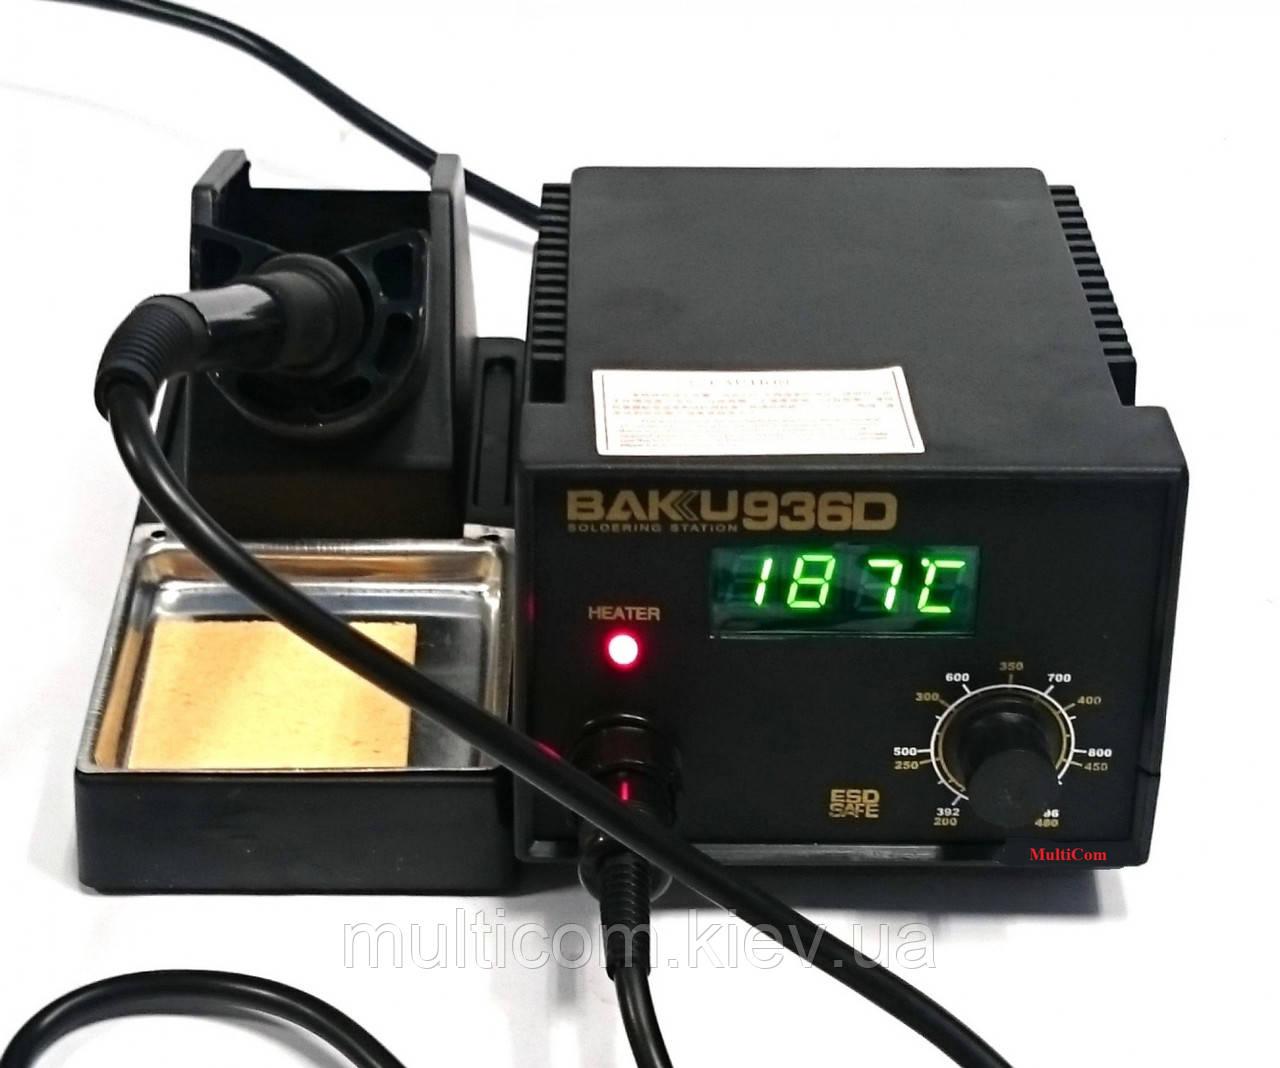 13-00-023. Паяльная станция BK-936D, с дисплеем, BAKU